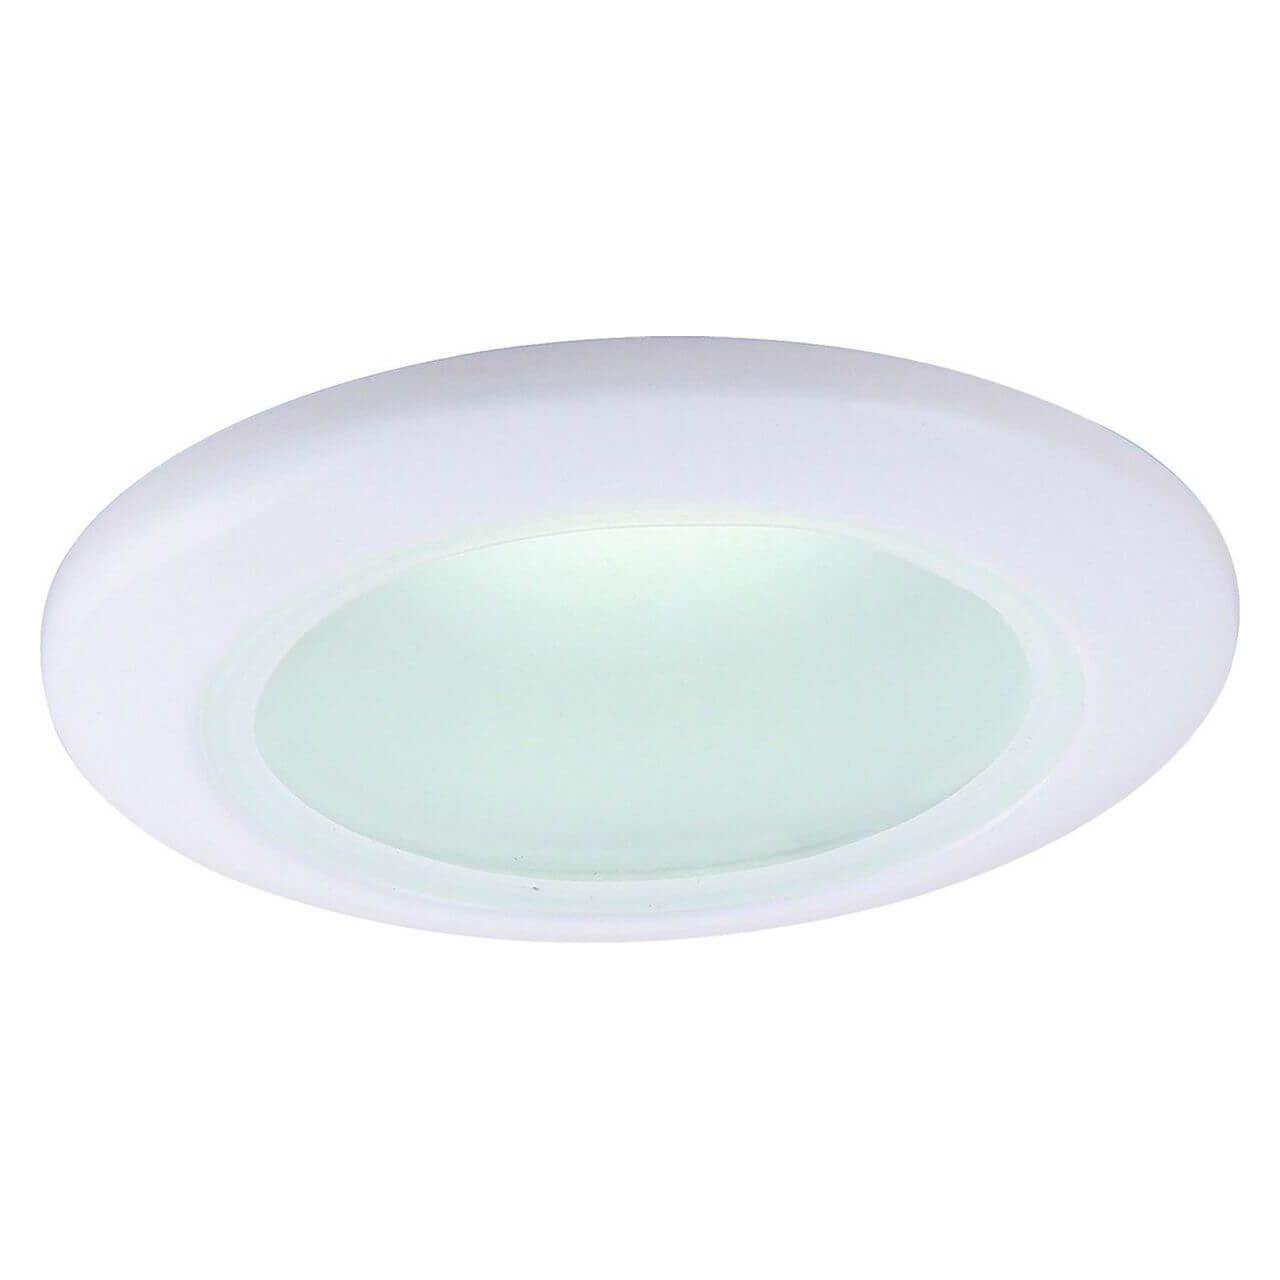 Встраиваемый светильник Arte Lamp A2024PL-1WH, GU10, 50 Вт arte lamp встраиваемый светильник aqua a2024pl 1wh